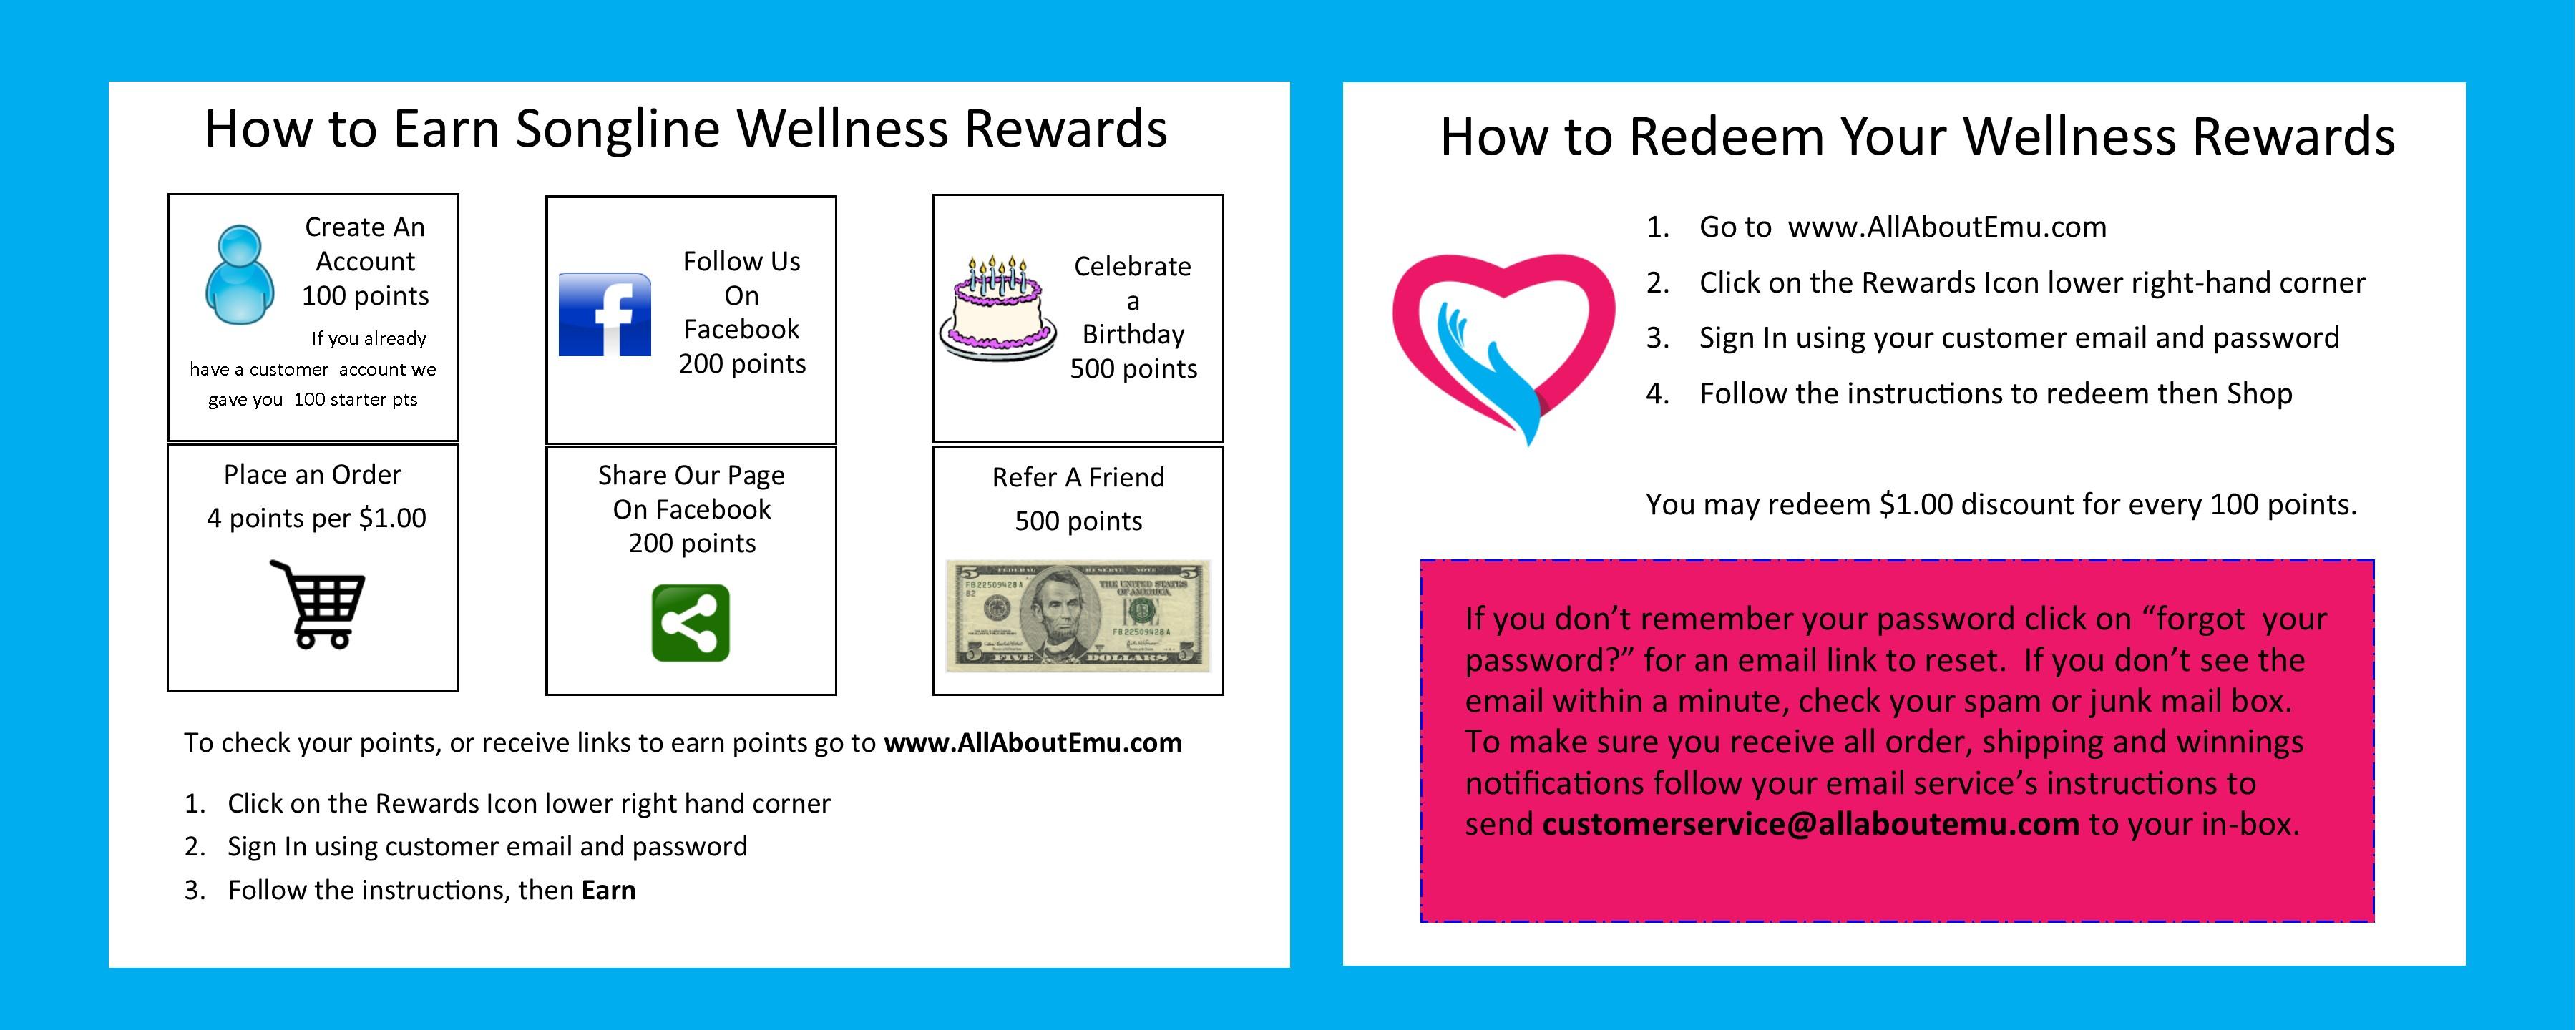 wellness-rewards-summary.jpg